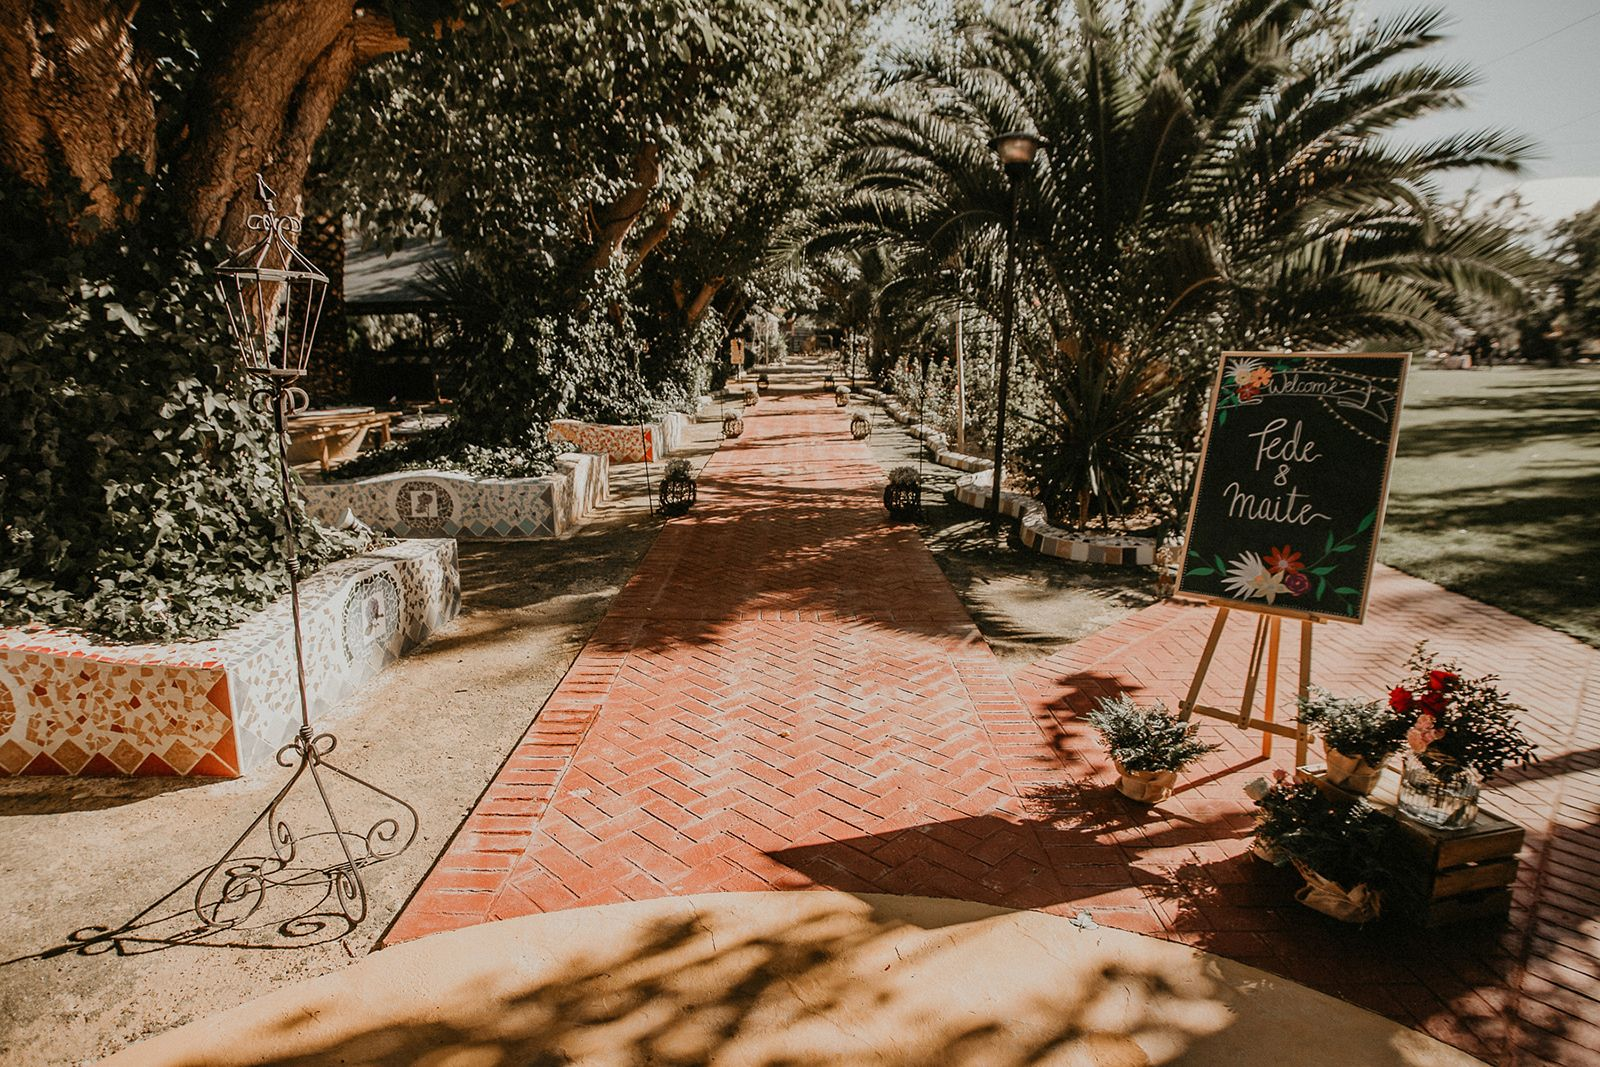 La boda de Fede y Maite en Andújar-0375